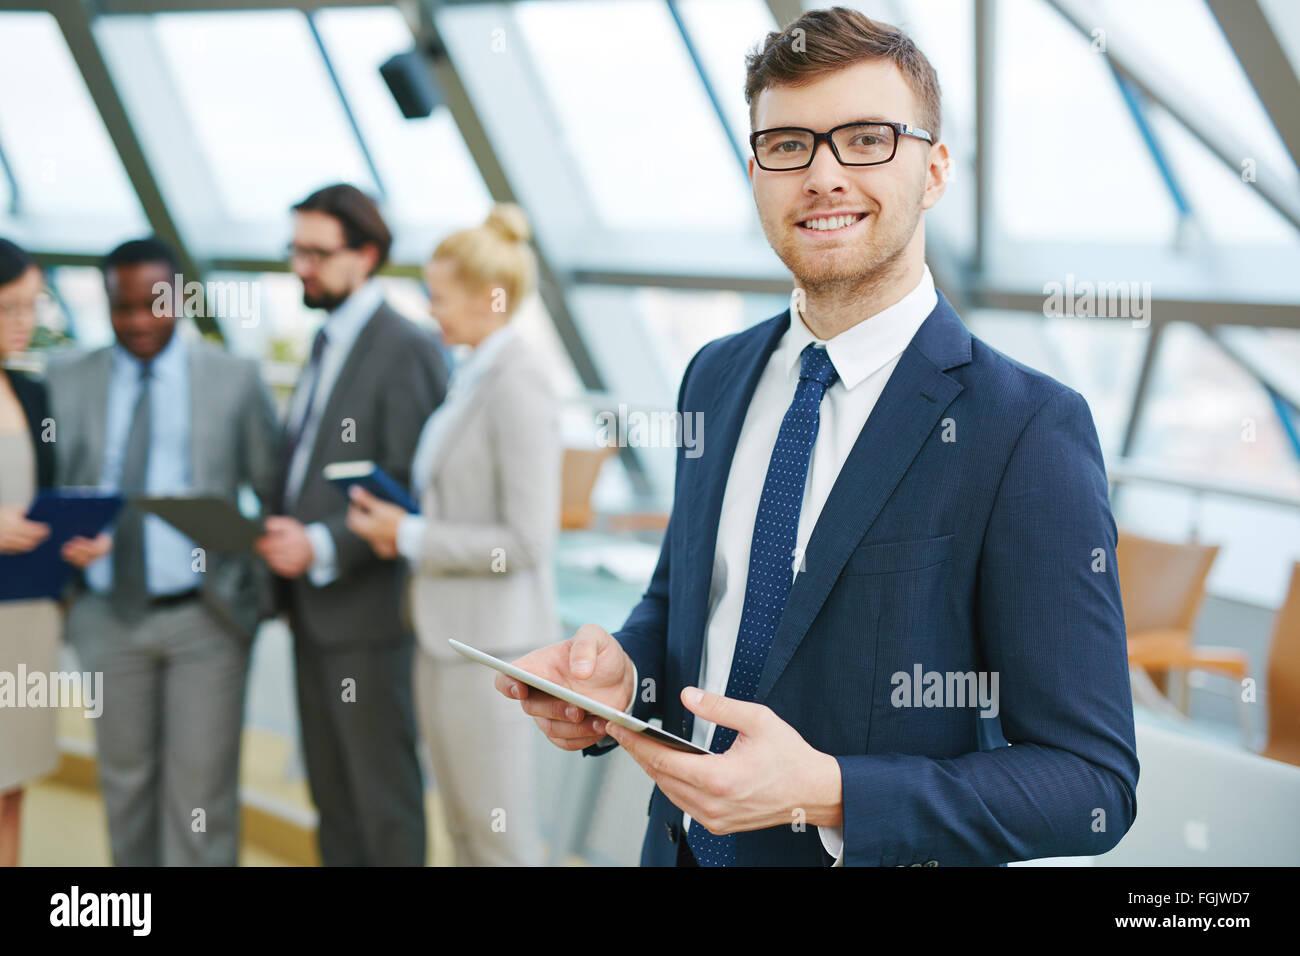 Giovani leader di business con touchpad guardando la fotocamera su sfondo del lavoro di persone Immagini Stock